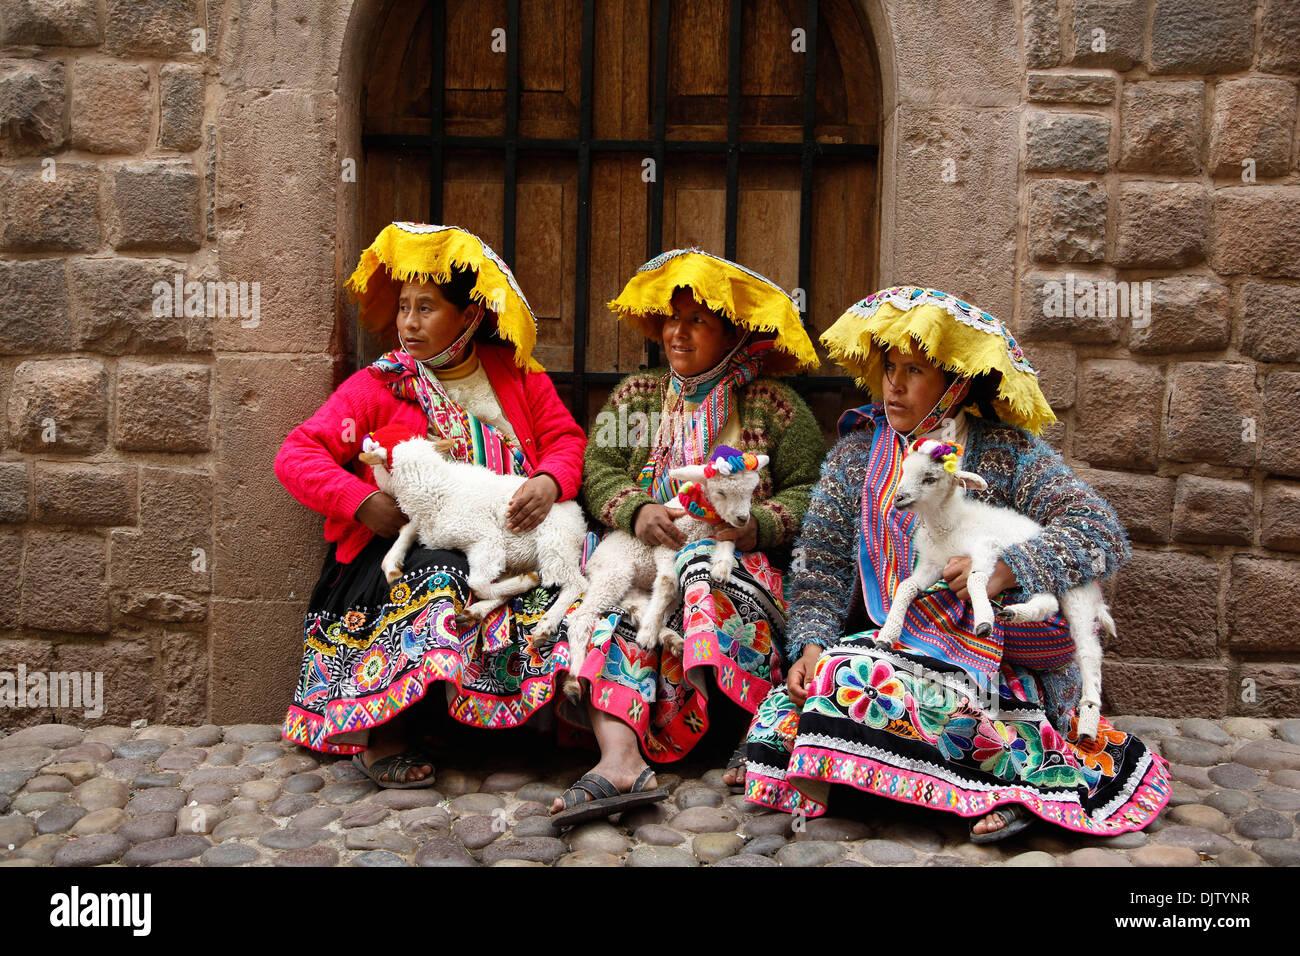 La mujer quechua en la vestimenta tradicional en la Calle Loreto, Cusco, Perú. Imagen De Stock